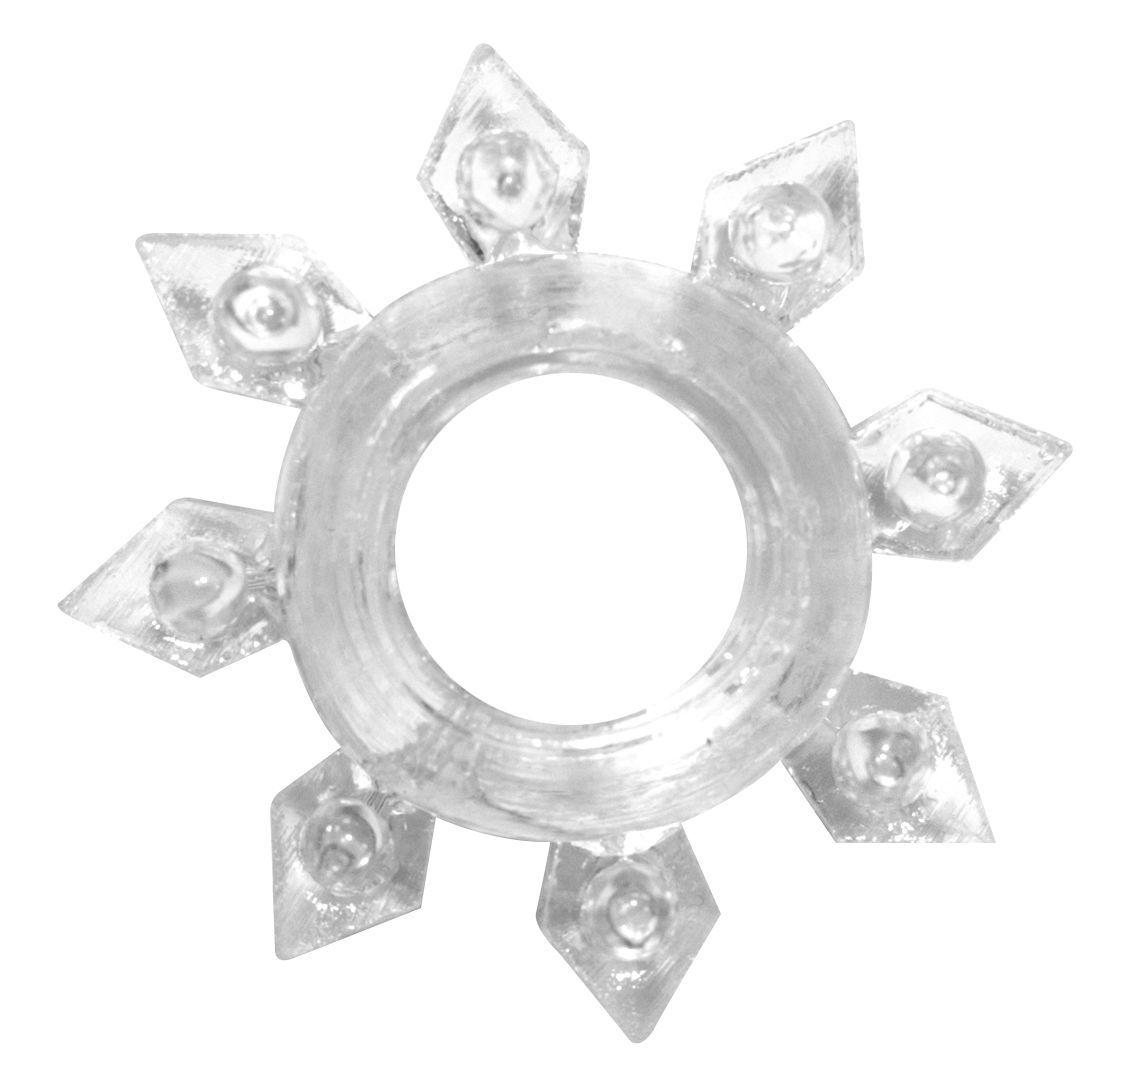 Эрекционные кольца: Прозрачное эрекционное кольцо Rings Gear